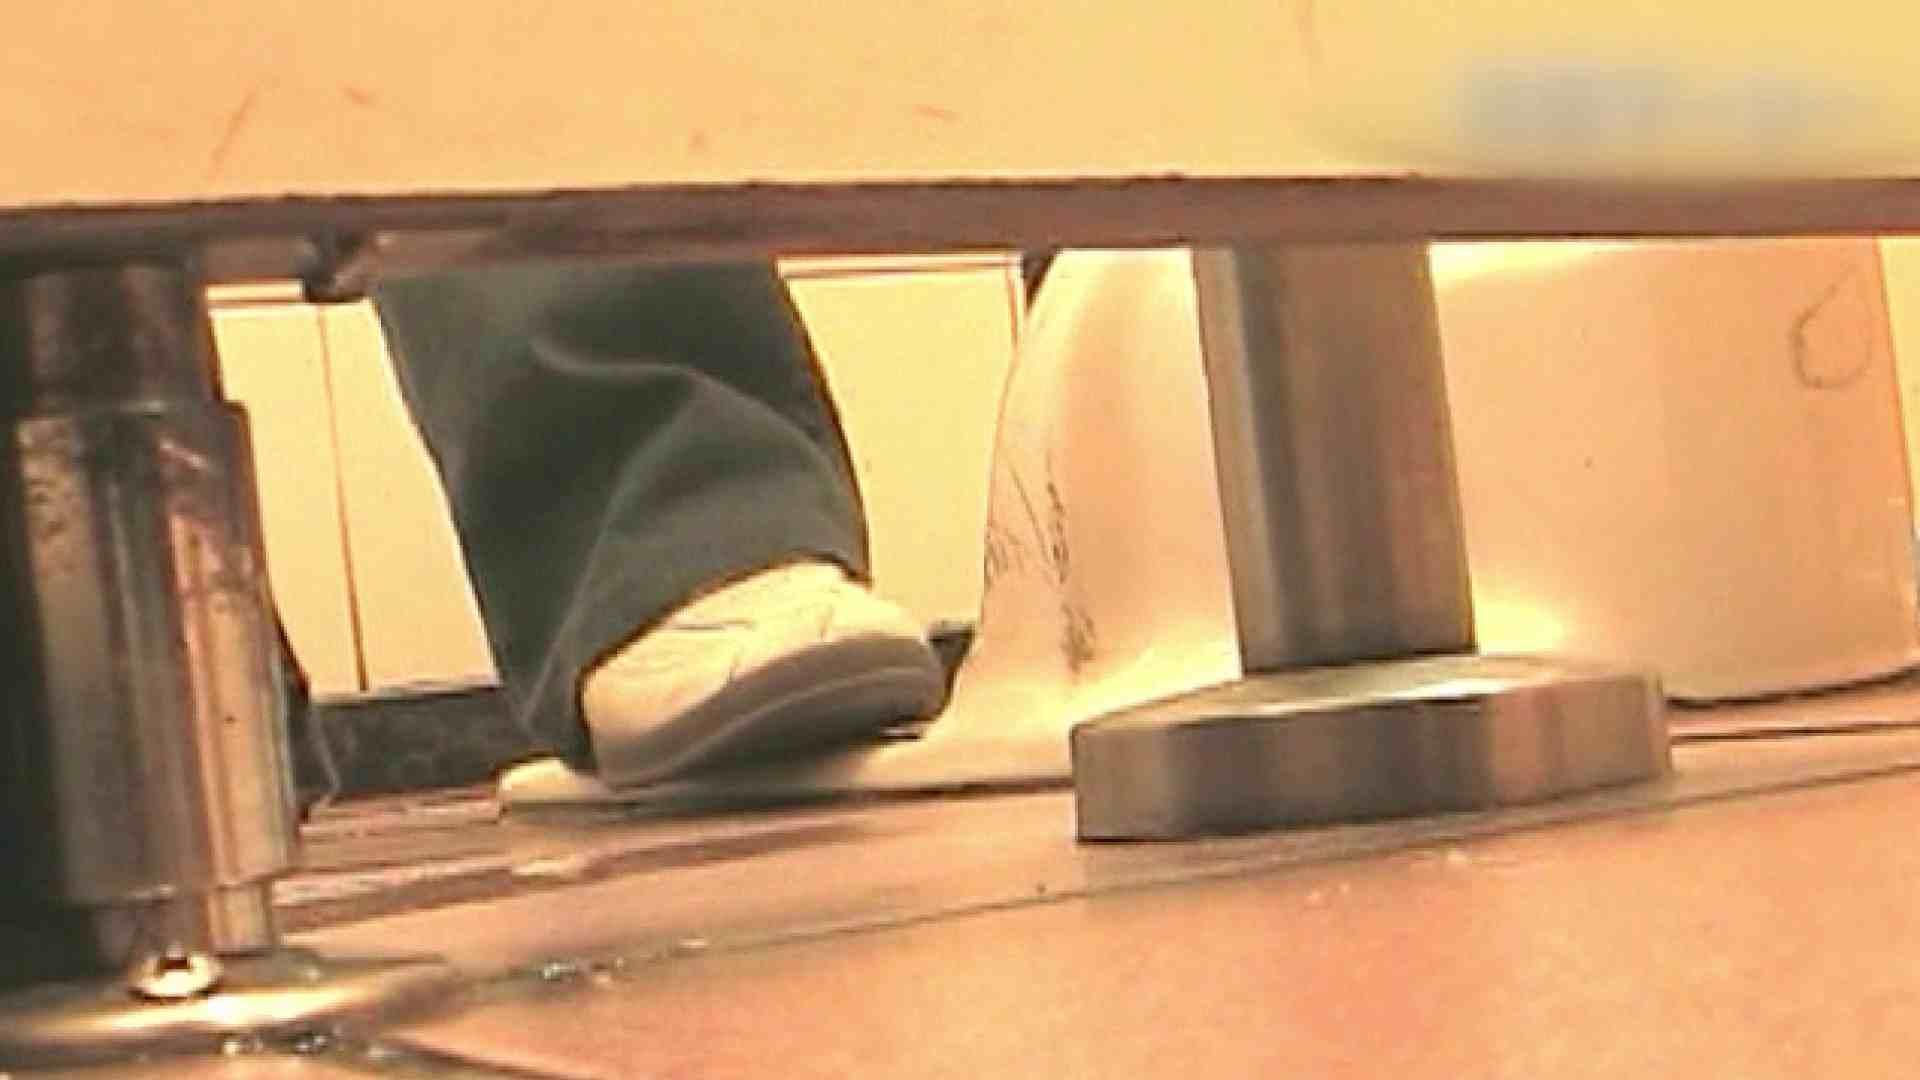 ロックハンドさんの盗撮記録File.25 オマンコ秘宝館 盗撮動画紹介 65連発 19